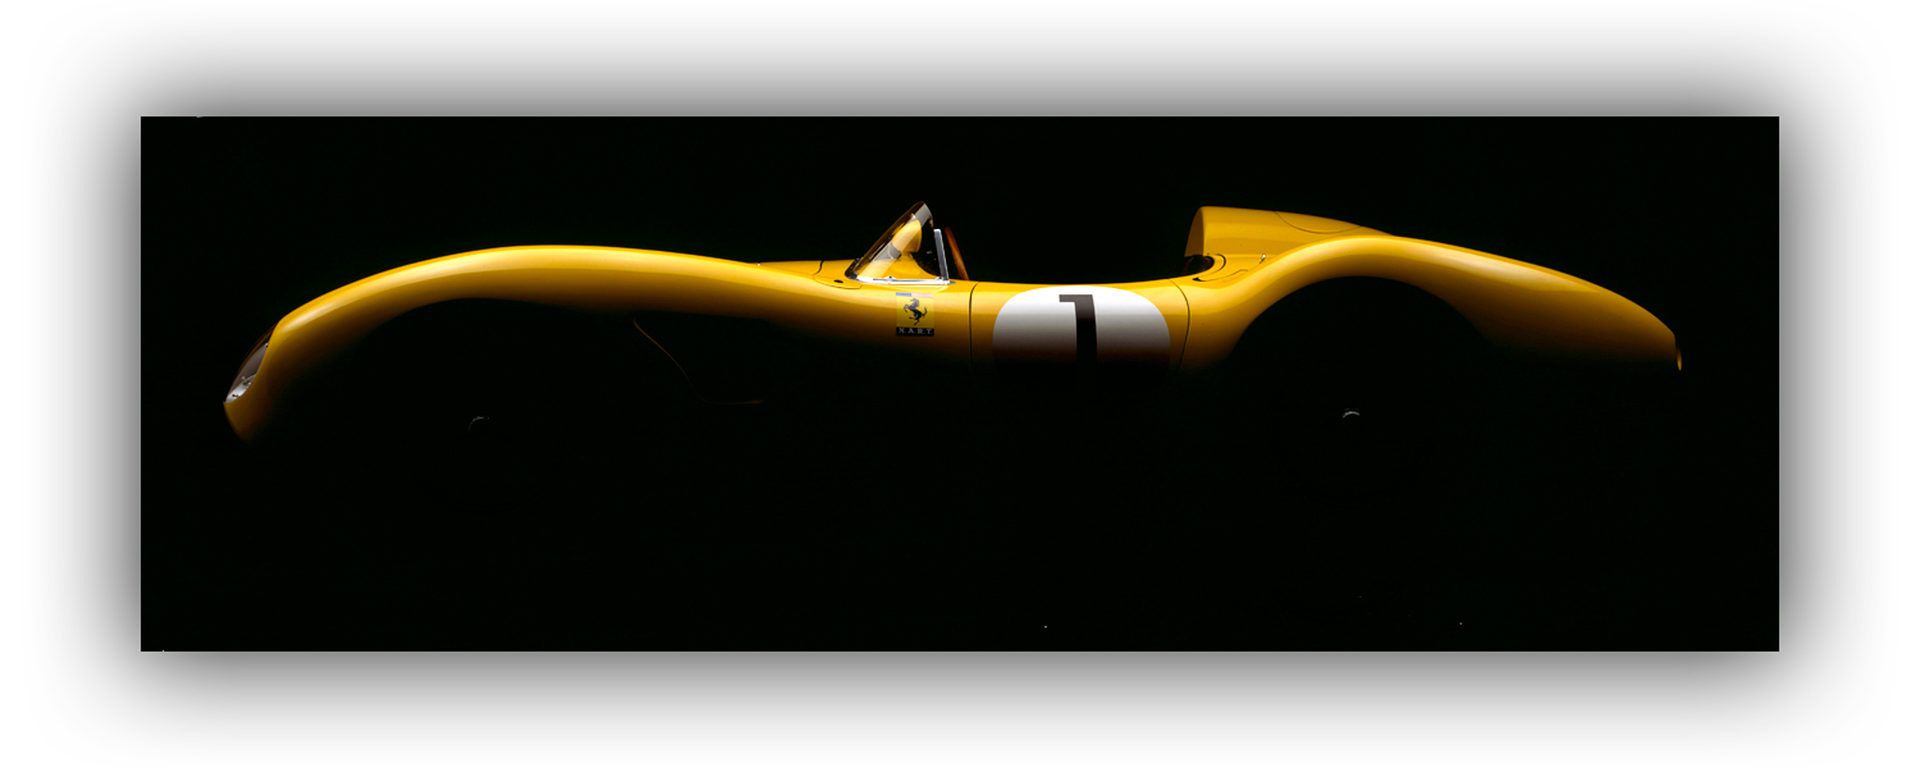 Chiaroscuro - Ferrari 500 TRC (Dennis GRAY)